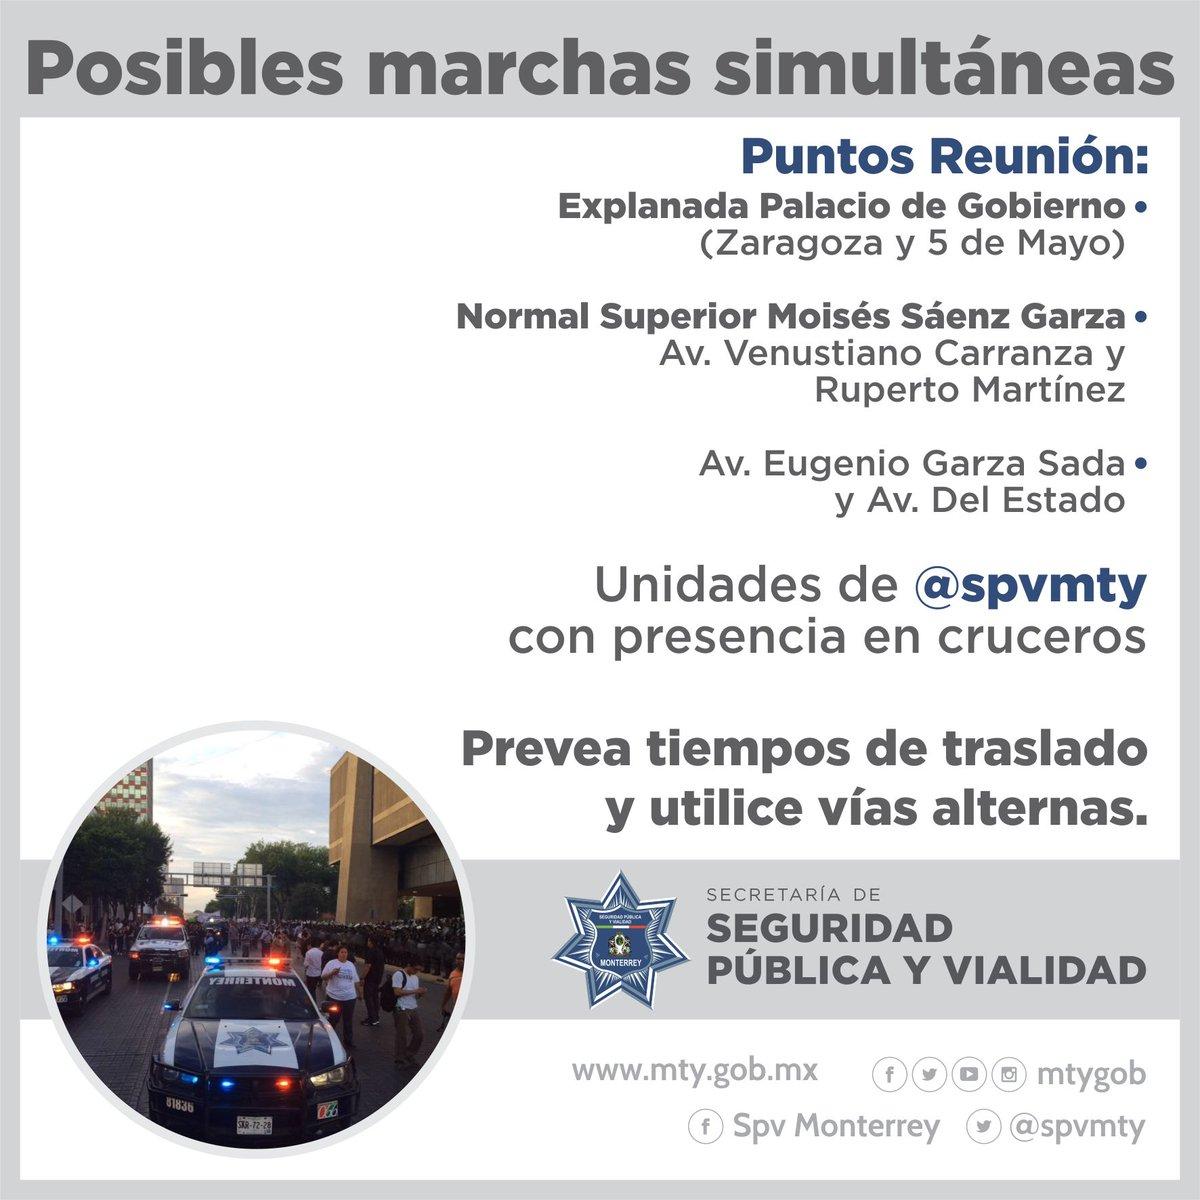 #VialidadMTY *Posibles marchas simultáneas* Precaución al conducir. Utilice vías alternas. @spvmty dando vialidad. https://t.co/EEnEJXIcNI